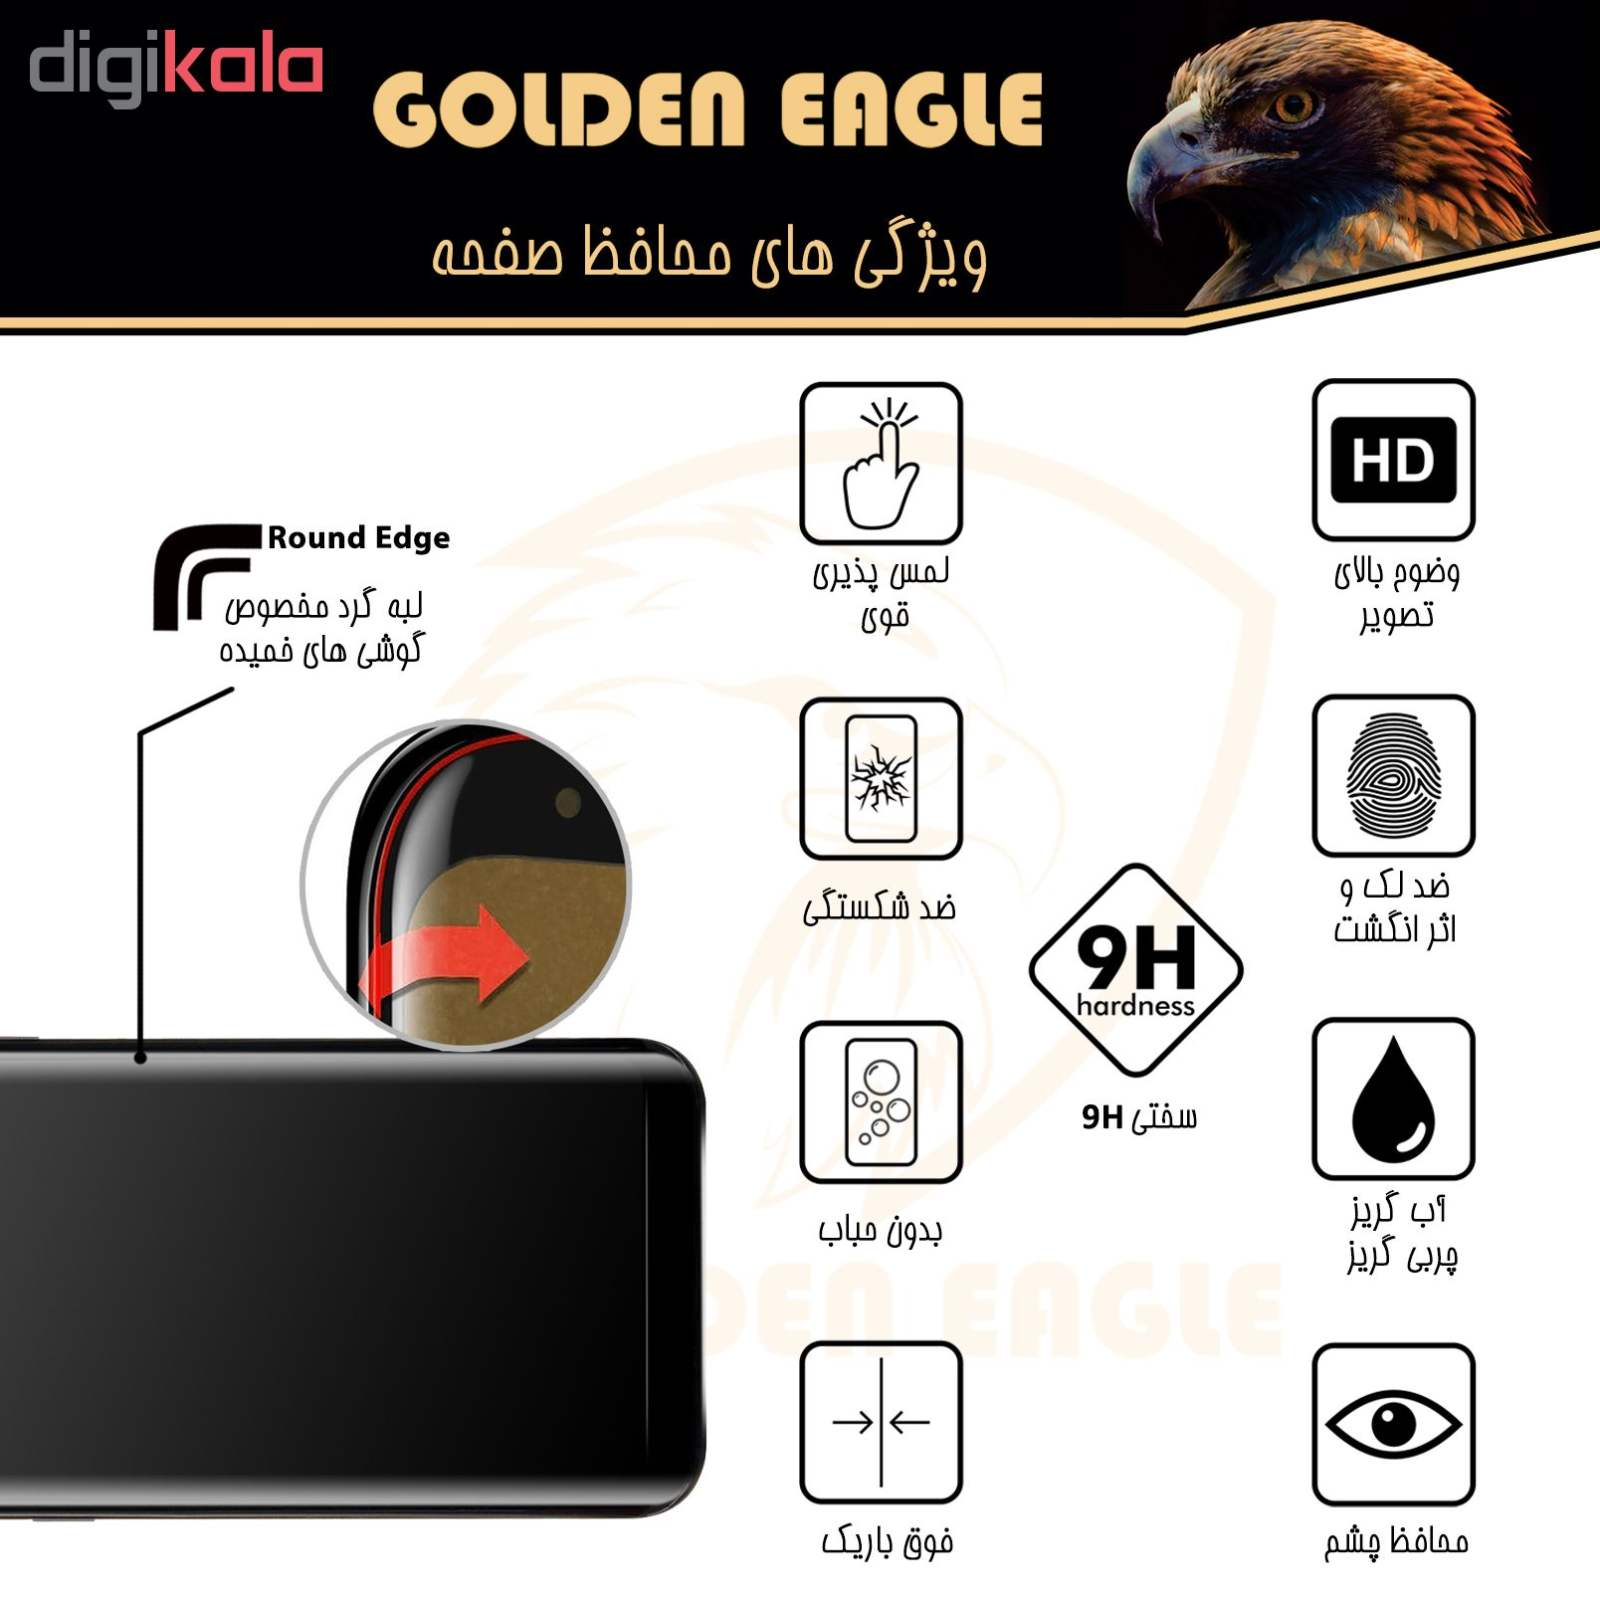 محافظ صفحه نمایش گلدن ایگل مدل HFC-X3 مناسب برای گوشی موبایل سامسونگ Galaxy S7 EDGE بسته سه عددی main 1 4